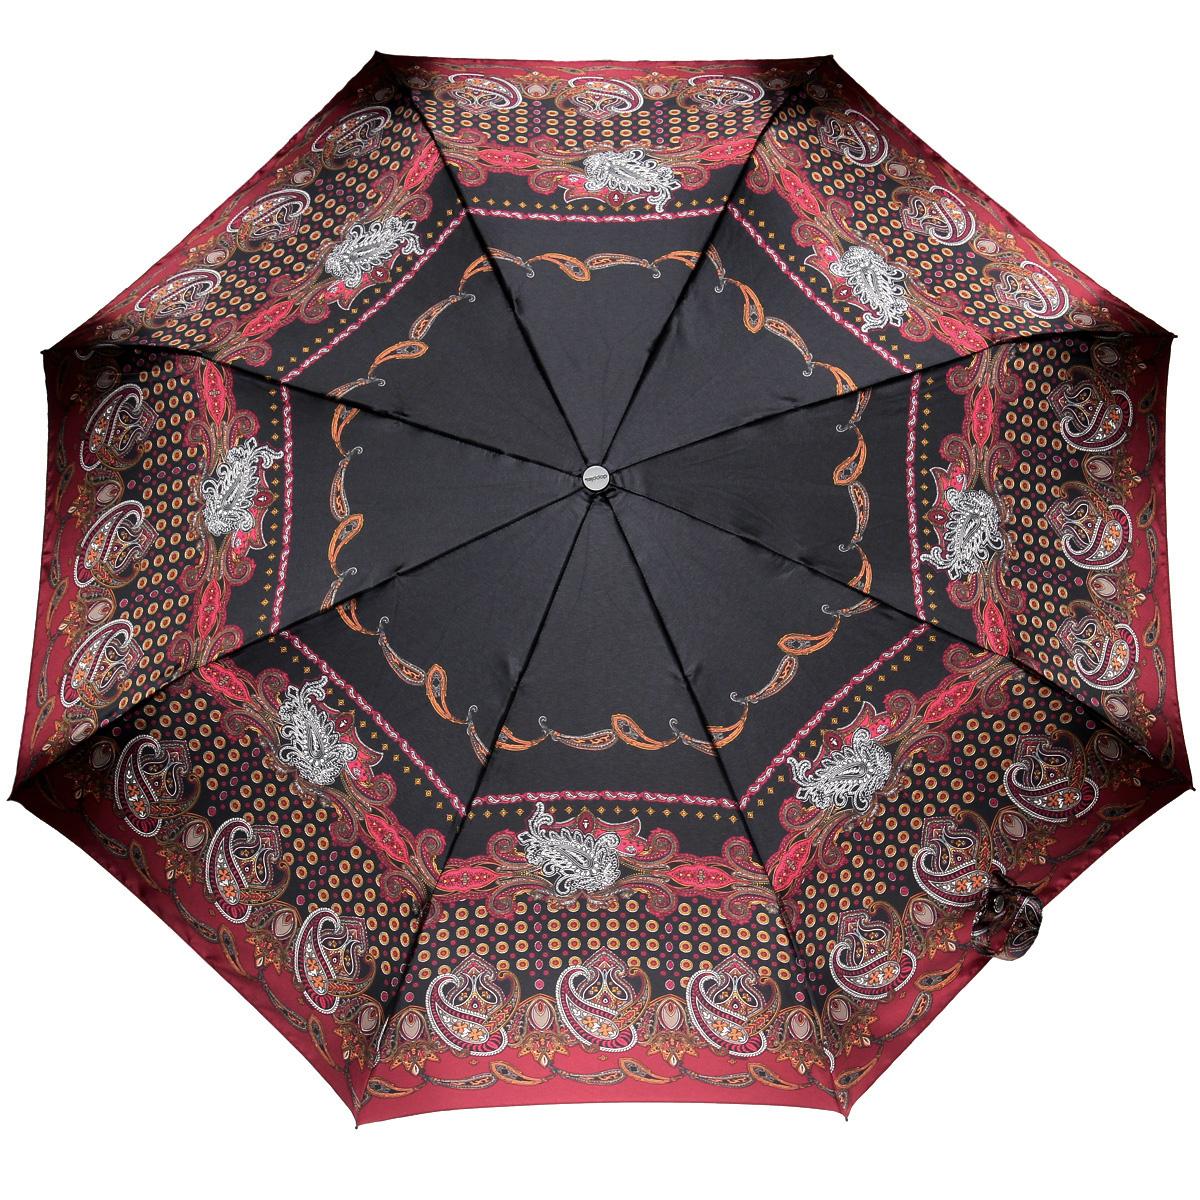 Зонт женский Doppler, автомат, 3 сложения, цвет: бордовый, черный. 74665GFGF74665GFGFСтильный автоматический зонт Doppler в 3 сложения даже в ненастную погоду позволит вам оставаться стильной и элегантной. Каркас зонта из стали состоит из восьми карбоновых спиц, оснащен удобной рукояткой. Зонт имеет автоматический механизм сложения: купол открывается и закрывается нажатием кнопки на рукоятке, стержень складывается вручную до характерного щелчка, благодаря чему открыть и закрыть зонт можно одной рукой, что чрезвычайно удобно при входе в транспорт или помещение. Купол зонта выполнен из прочного сатина и оформлен изображением оригинального орнамента. Закрытый купол фиксируется хлястиком на кнопке. На рукоятке для удобства есть небольшой шнурок-петля, позволяющий надеть зонт на руку тогда, когда это будет необходимо. К зонту прилагается чехол.